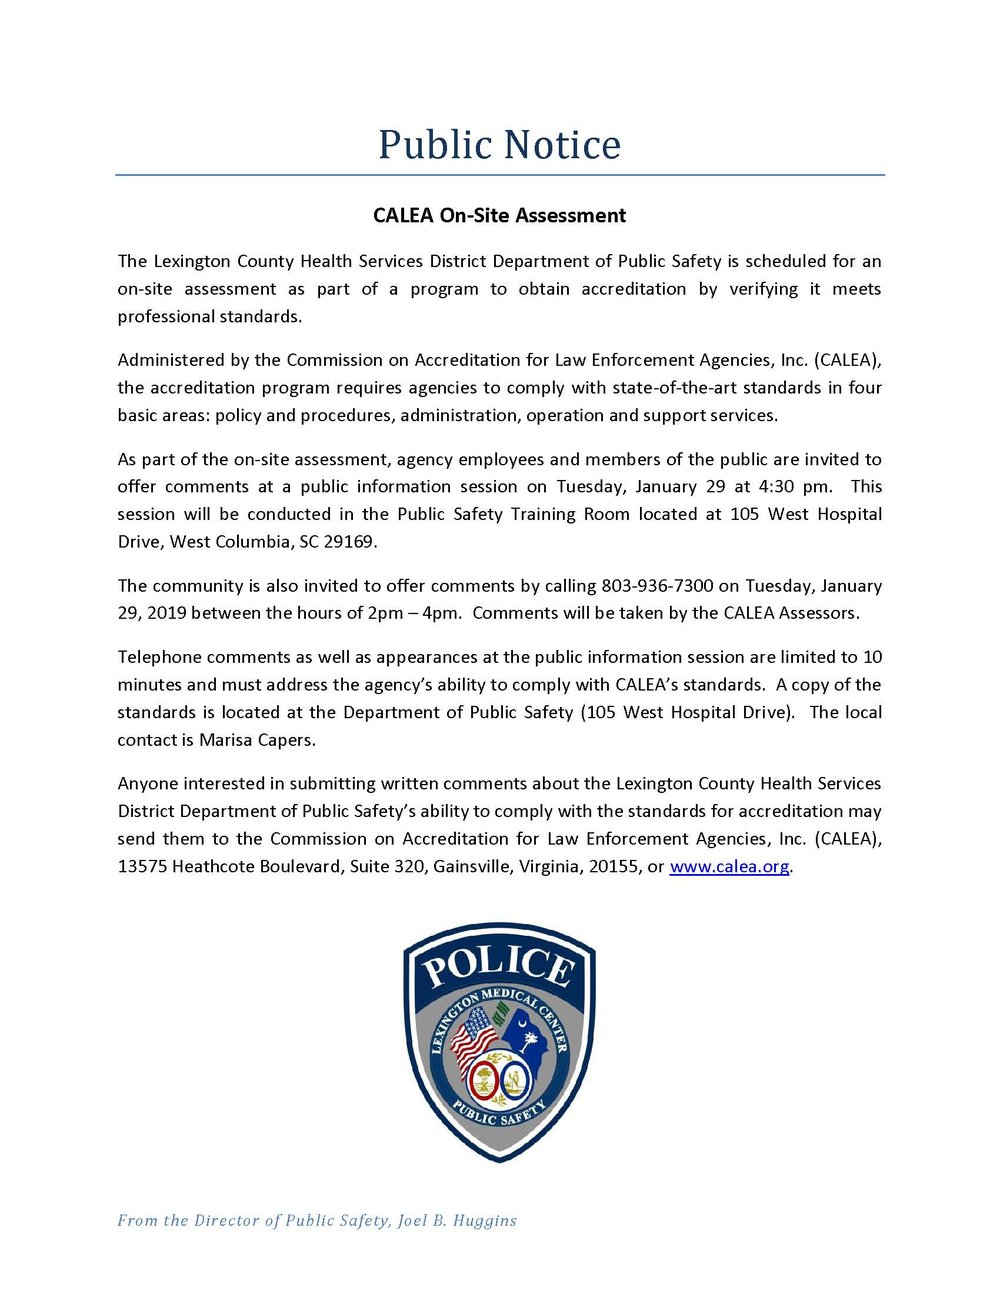 CALEA Public Notice.jpg